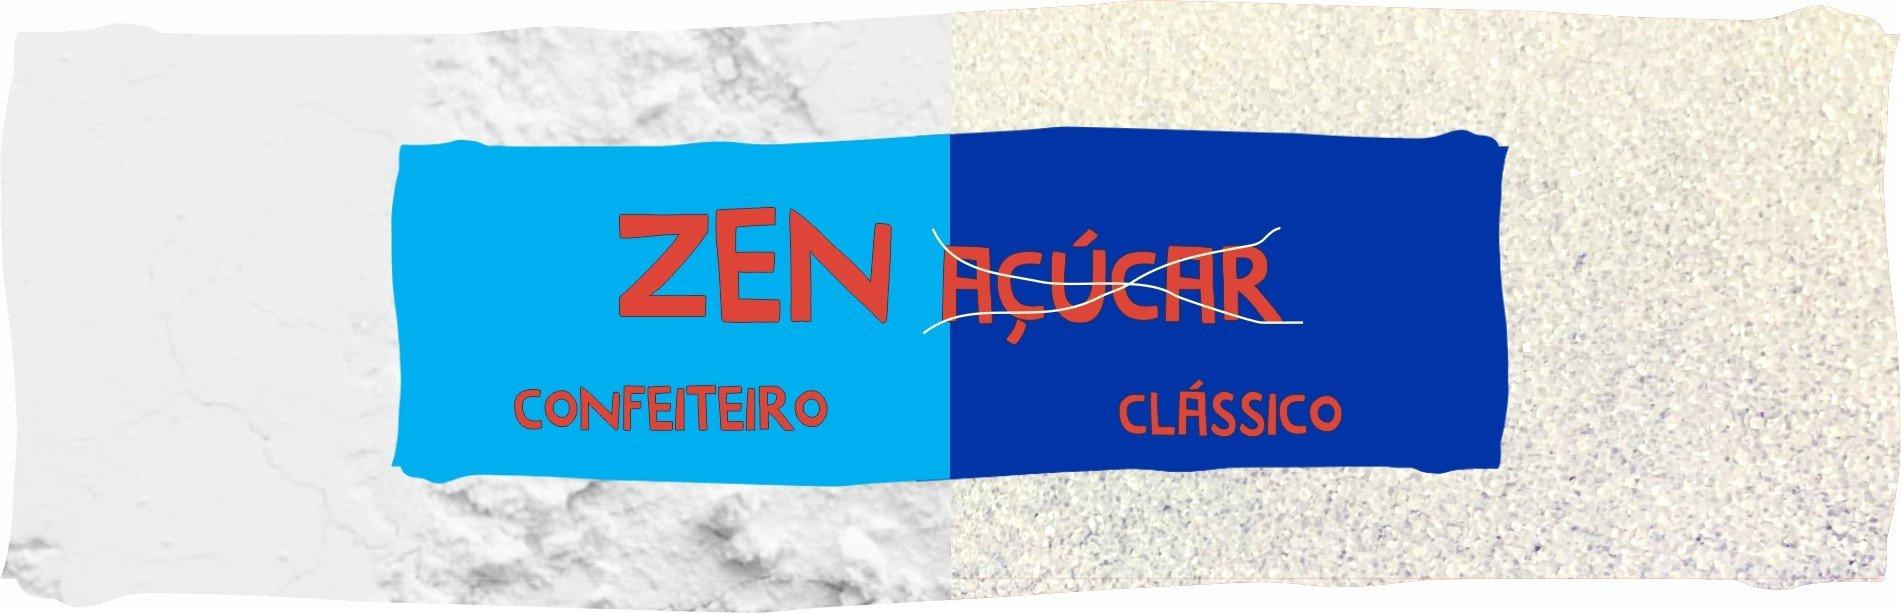 banner zen acucar confeiteiro e classico cookoa